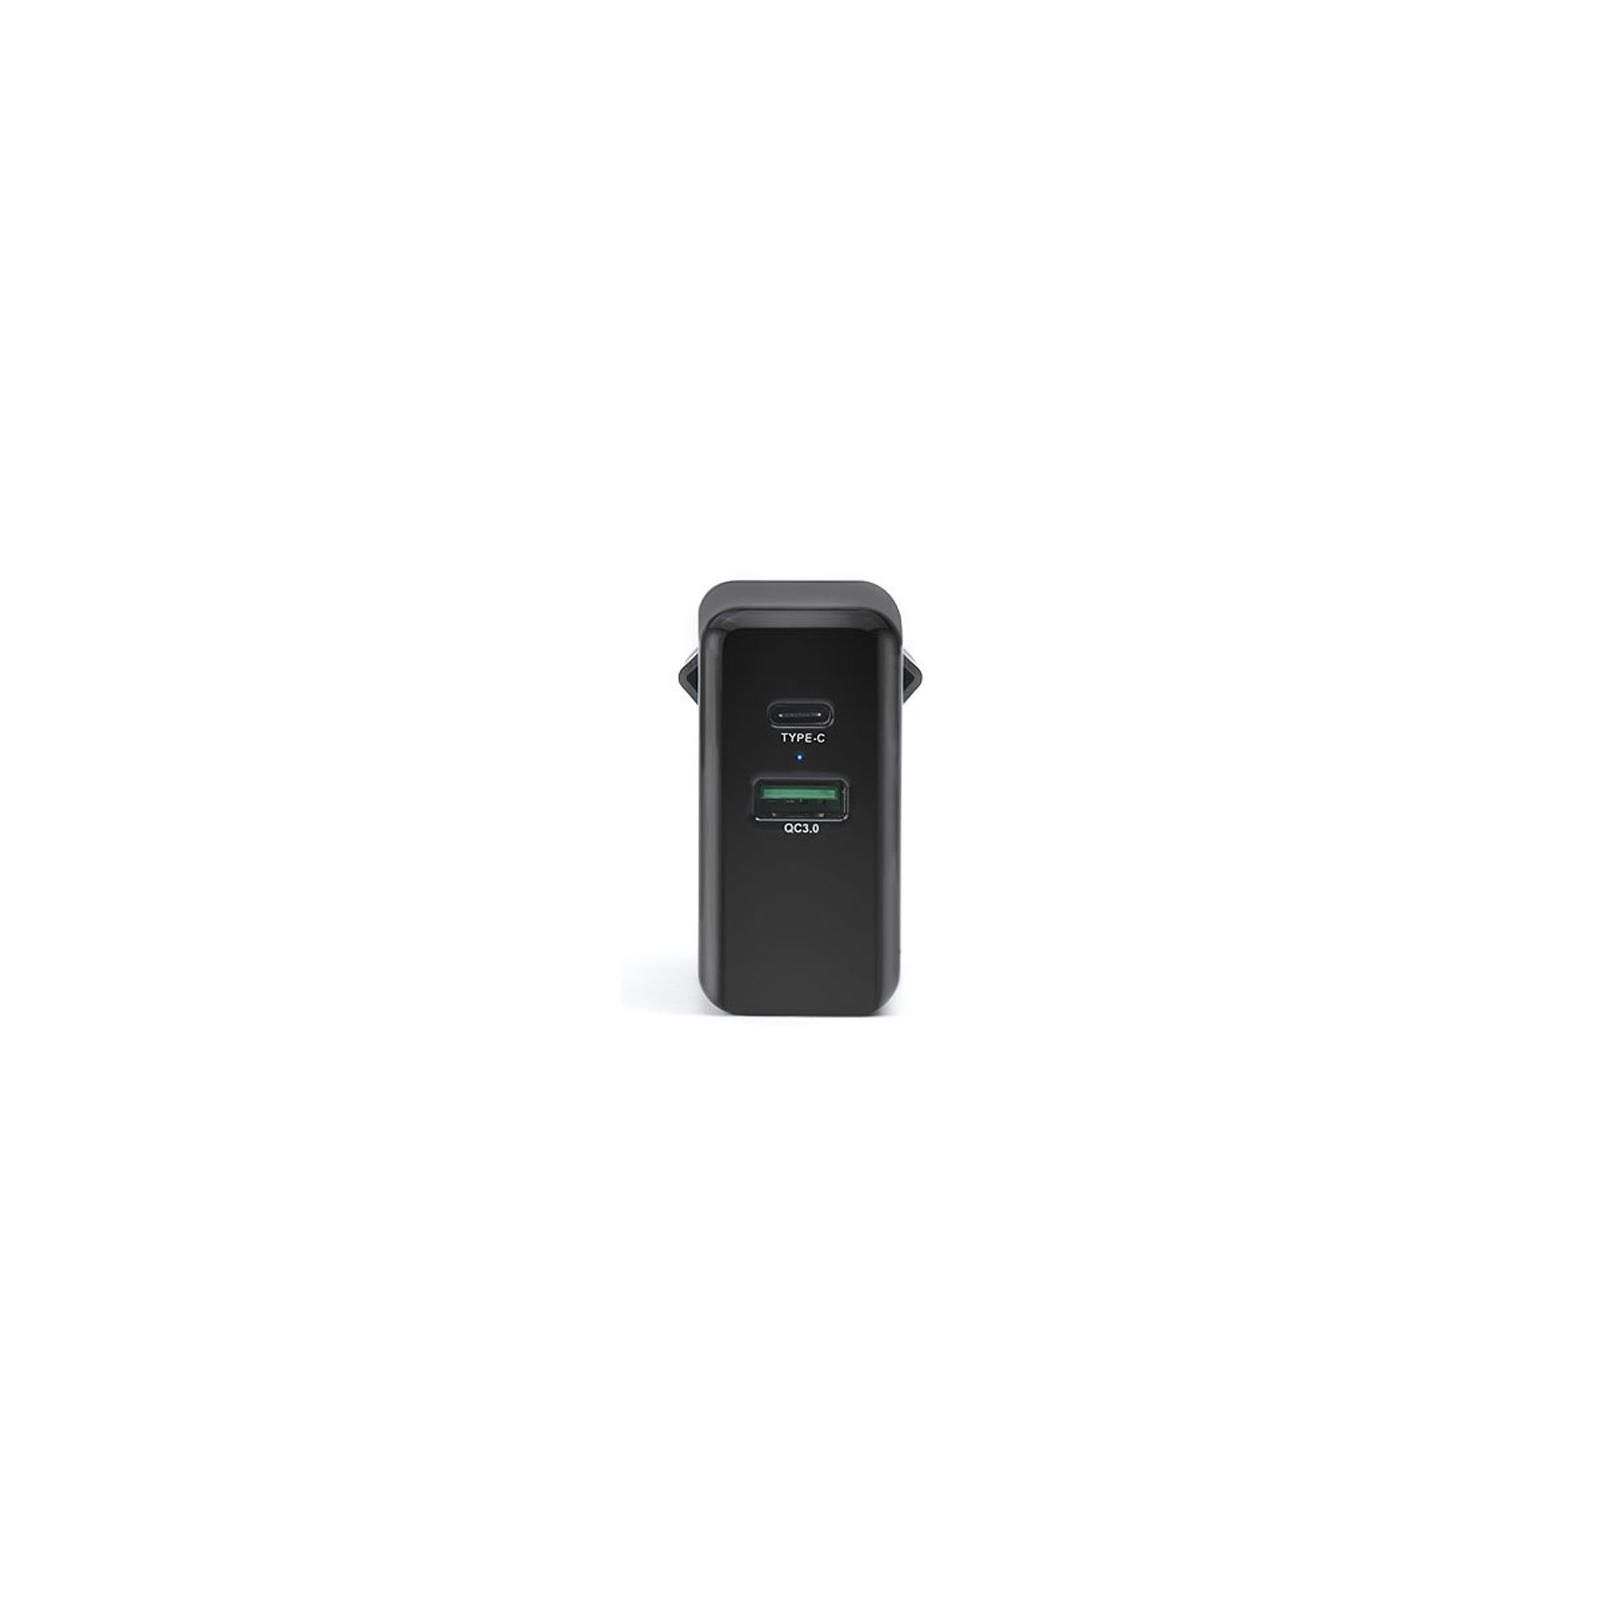 Зарядний пристрій REAL-EL CH-350 black (EL123160017) зображення 4